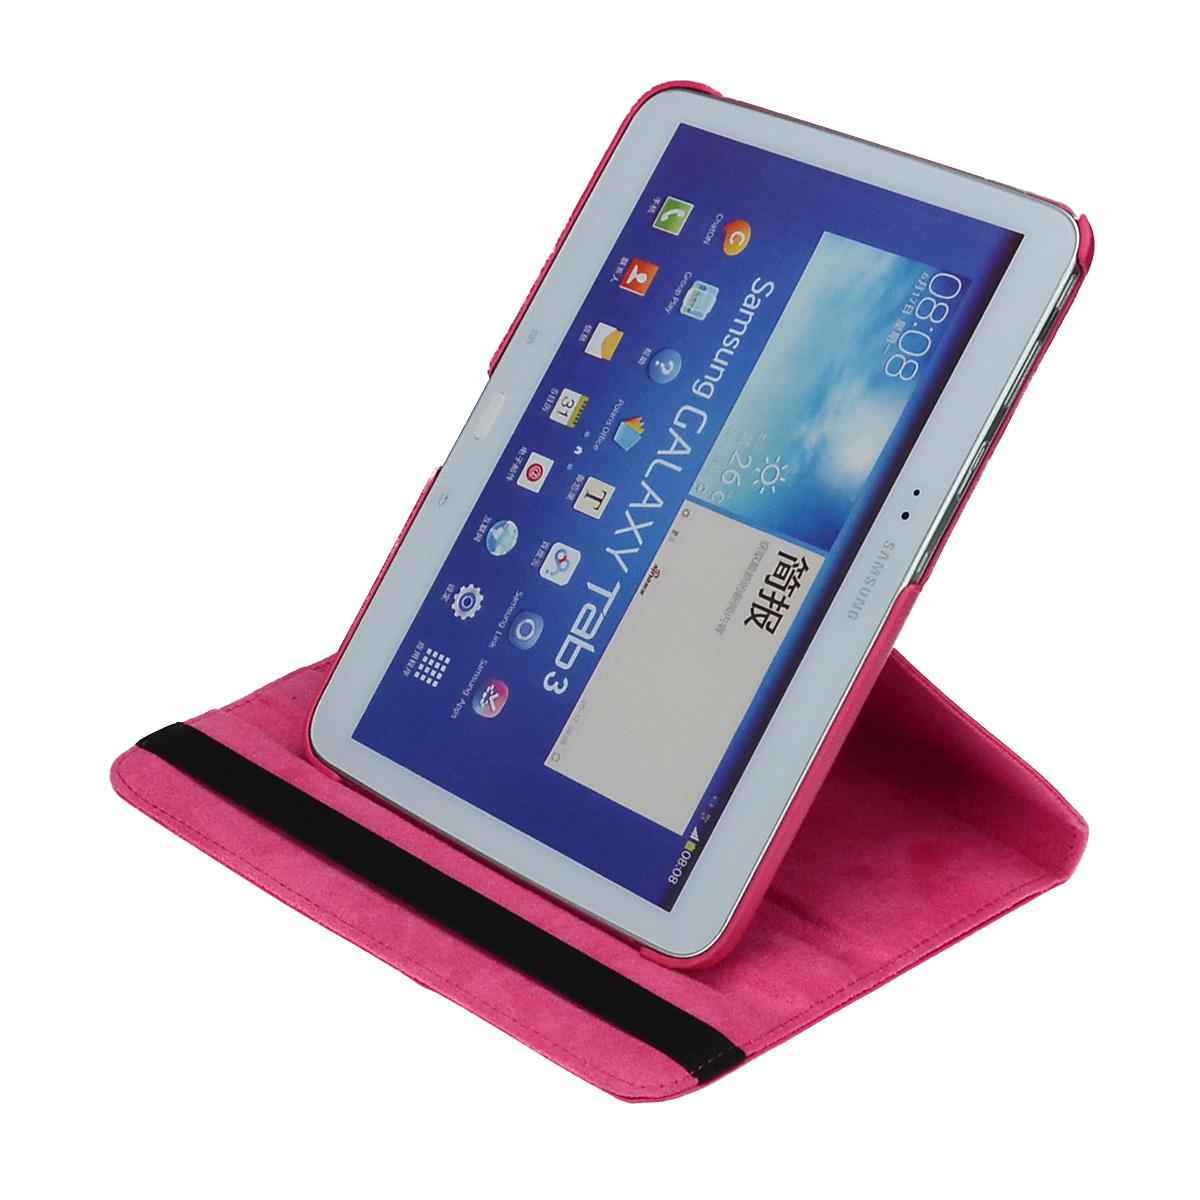 360-drehbar-Huelle-Samsung-Tab-E-9-6-Schutz-Cover-Case-Tasche-Etui-Staender-Folie Indexbild 20